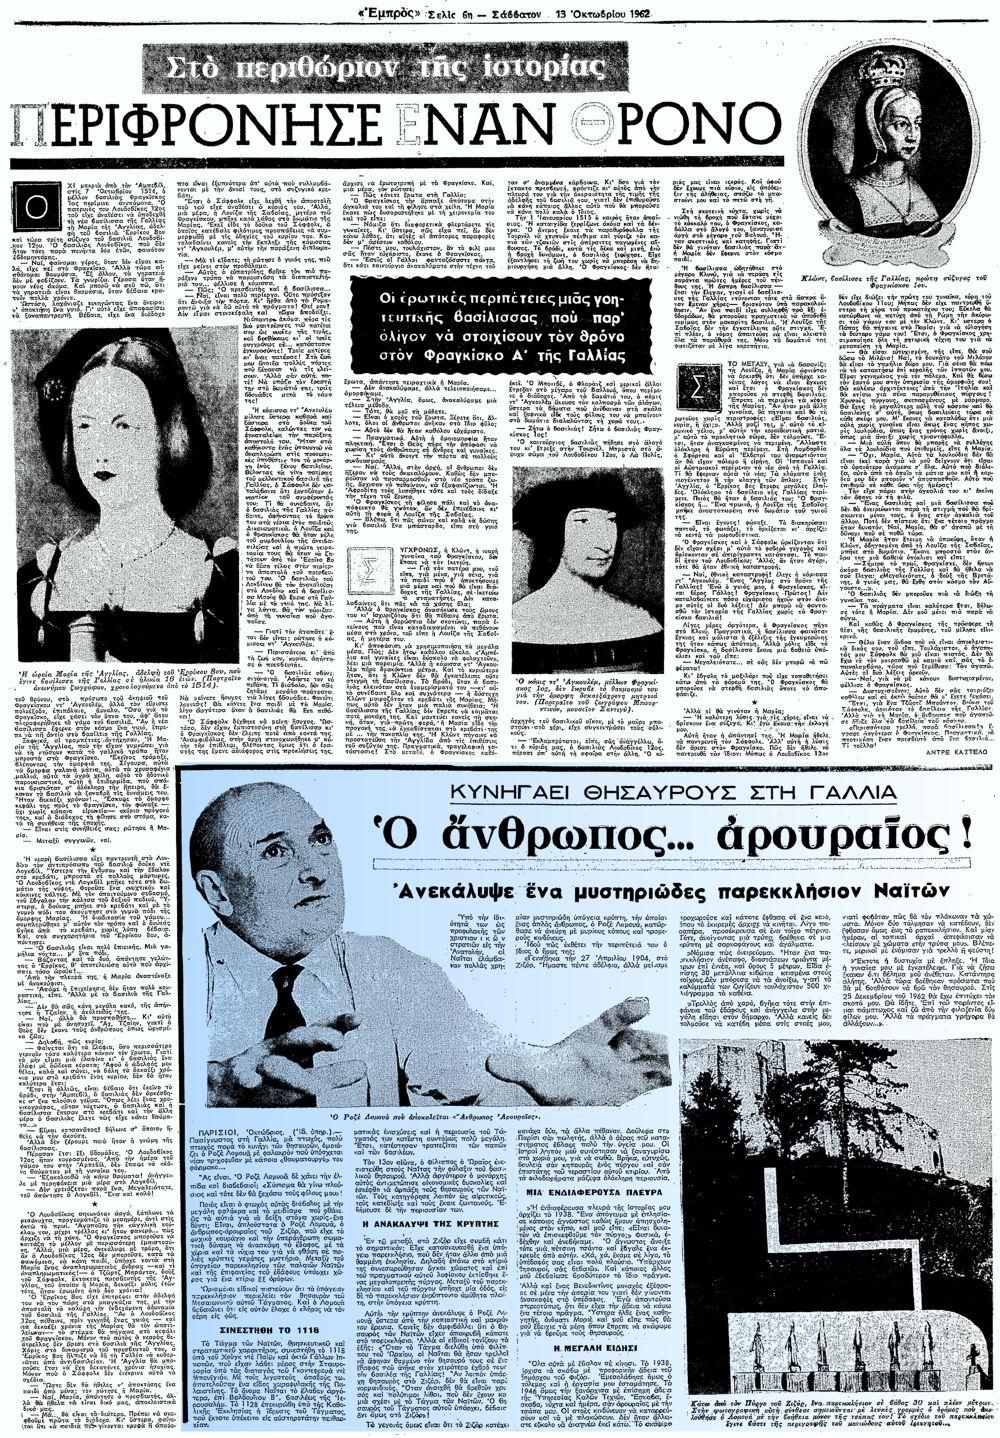 """Το άρθρο, όπως δημοσιεύθηκε στην εφημερίδα """"ΕΜΠΡΟΣ"""", στις 13/10/1962"""